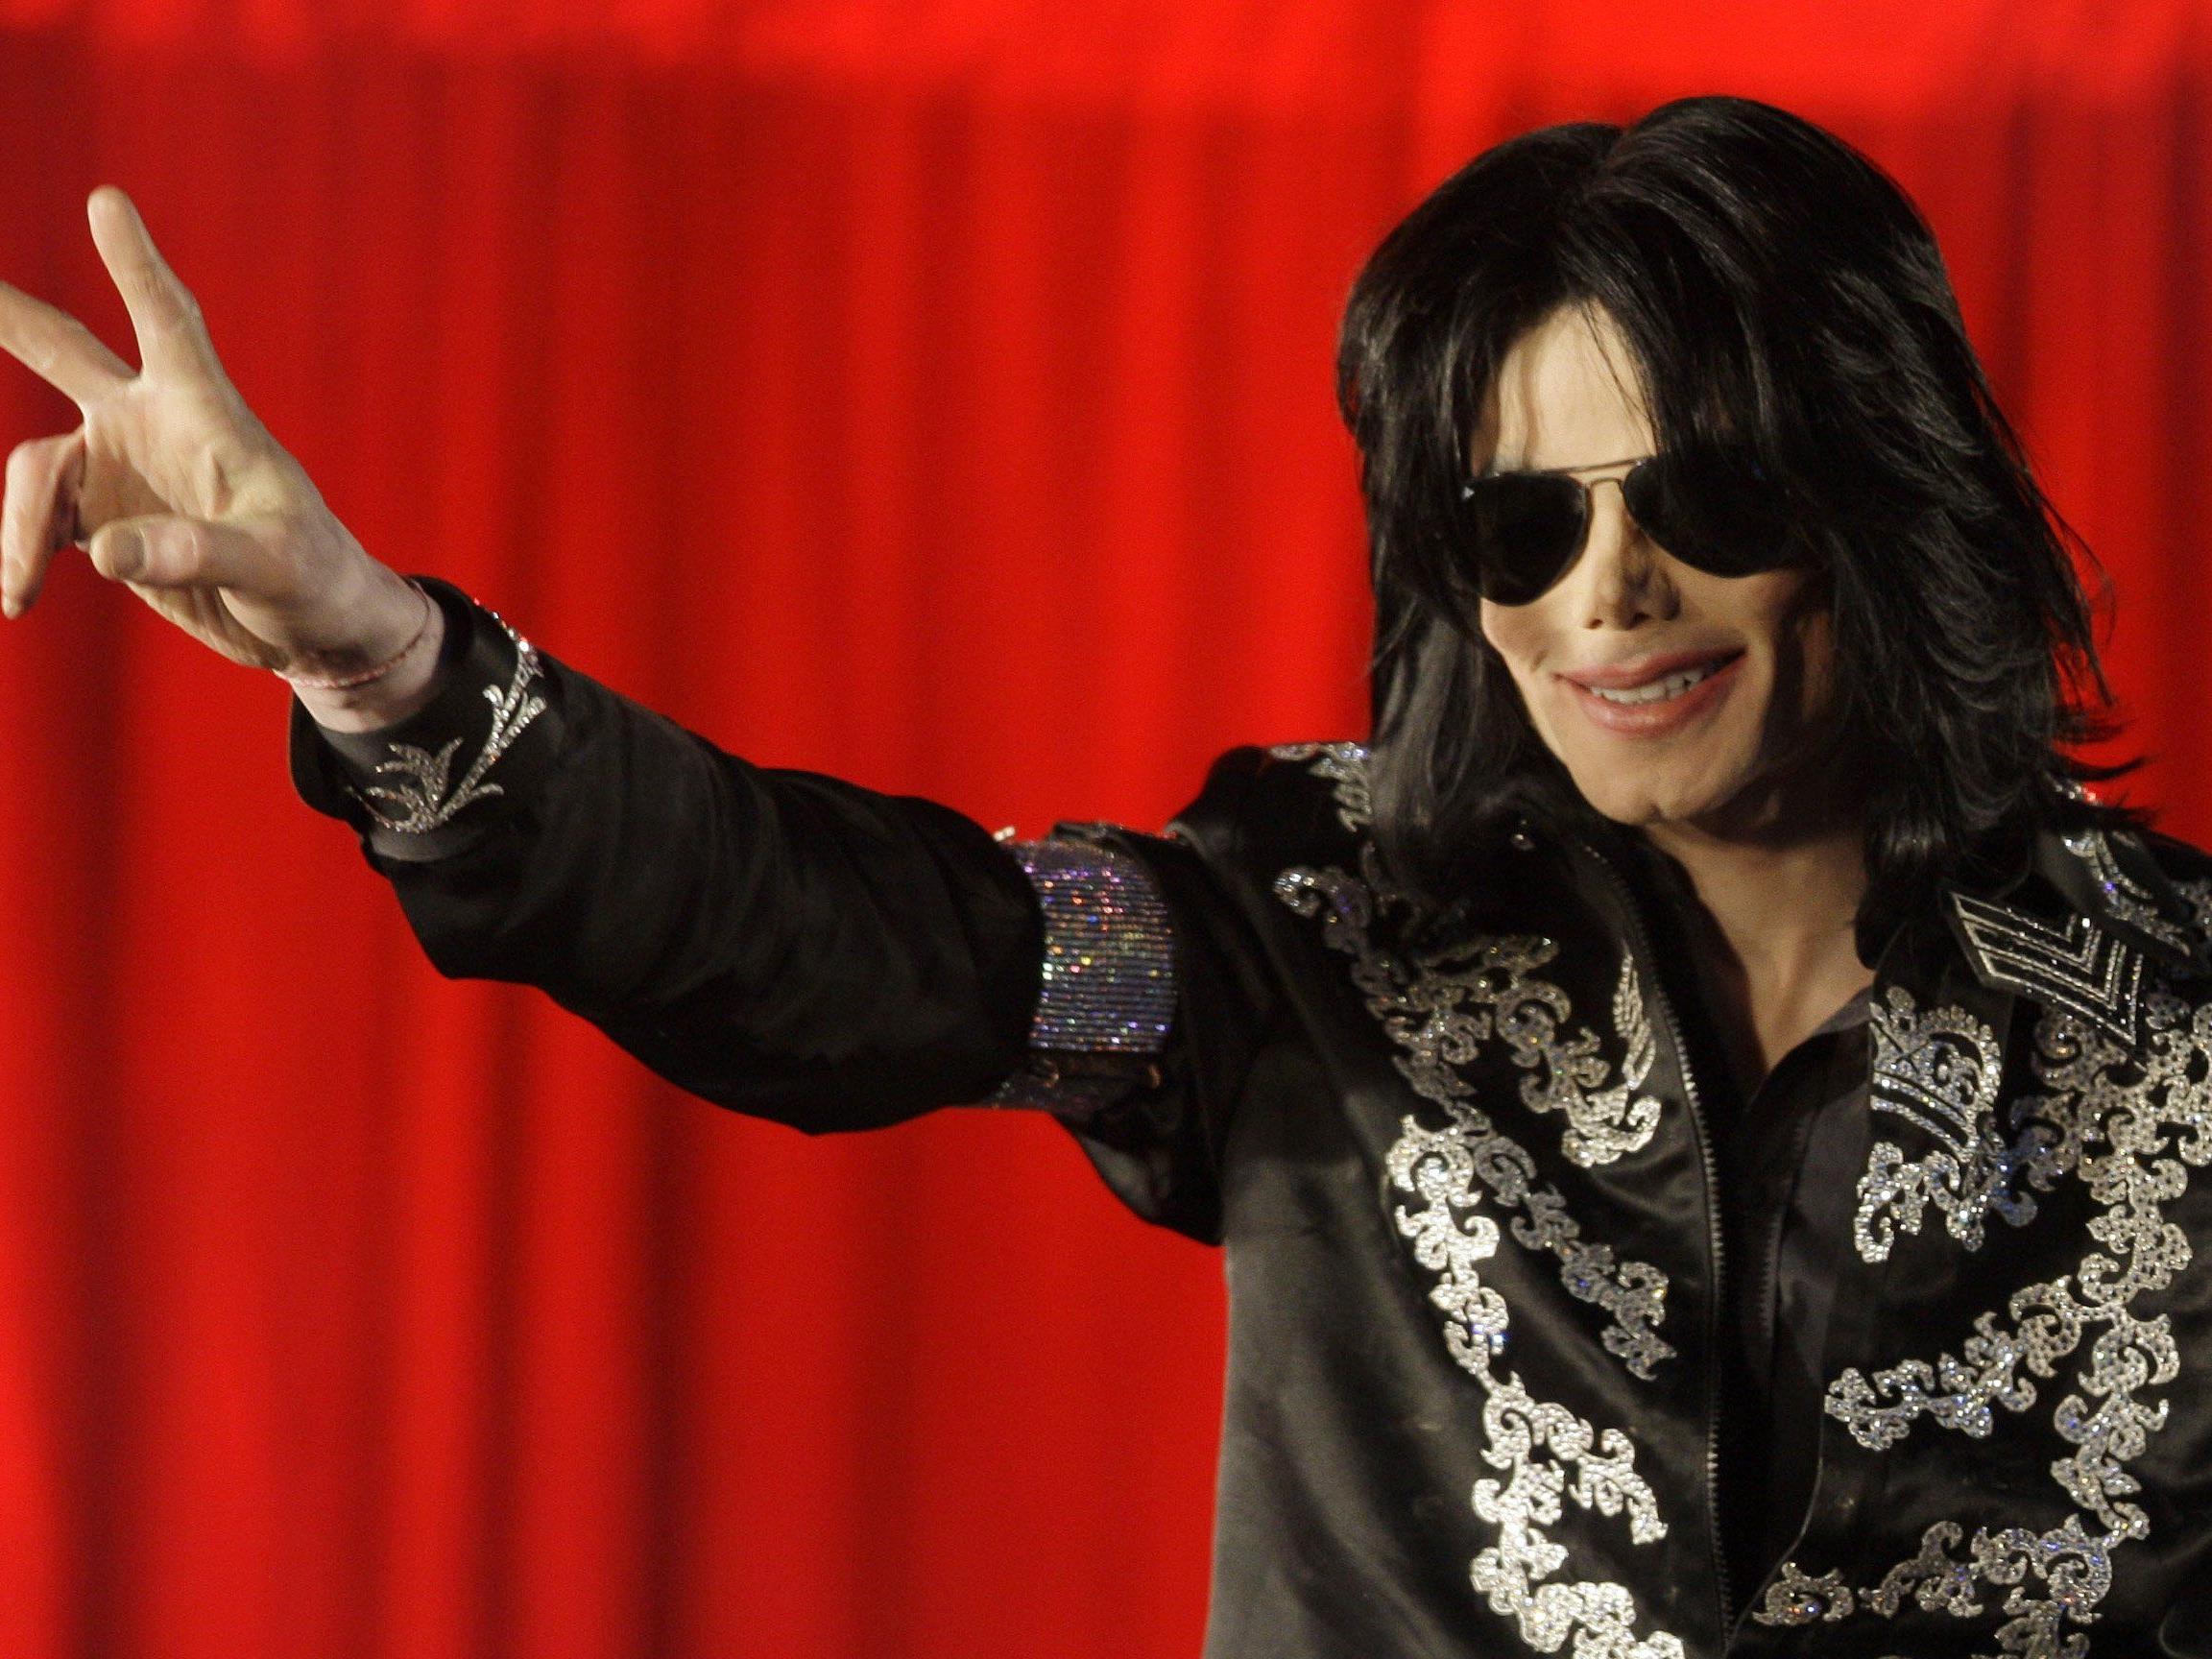 Jackson war 2009 an einer Überdosis Medikamente gestorben